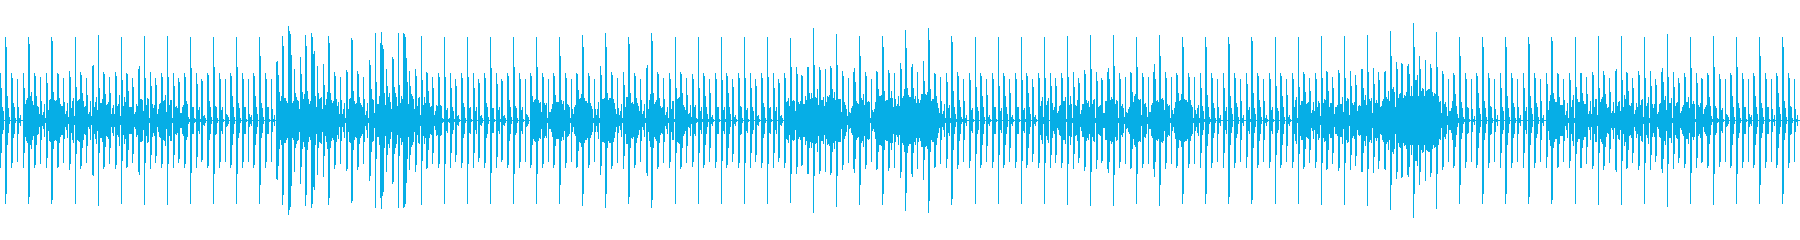 テクノ、ポップ、シンセ、エレクトリックの再生済みの波形